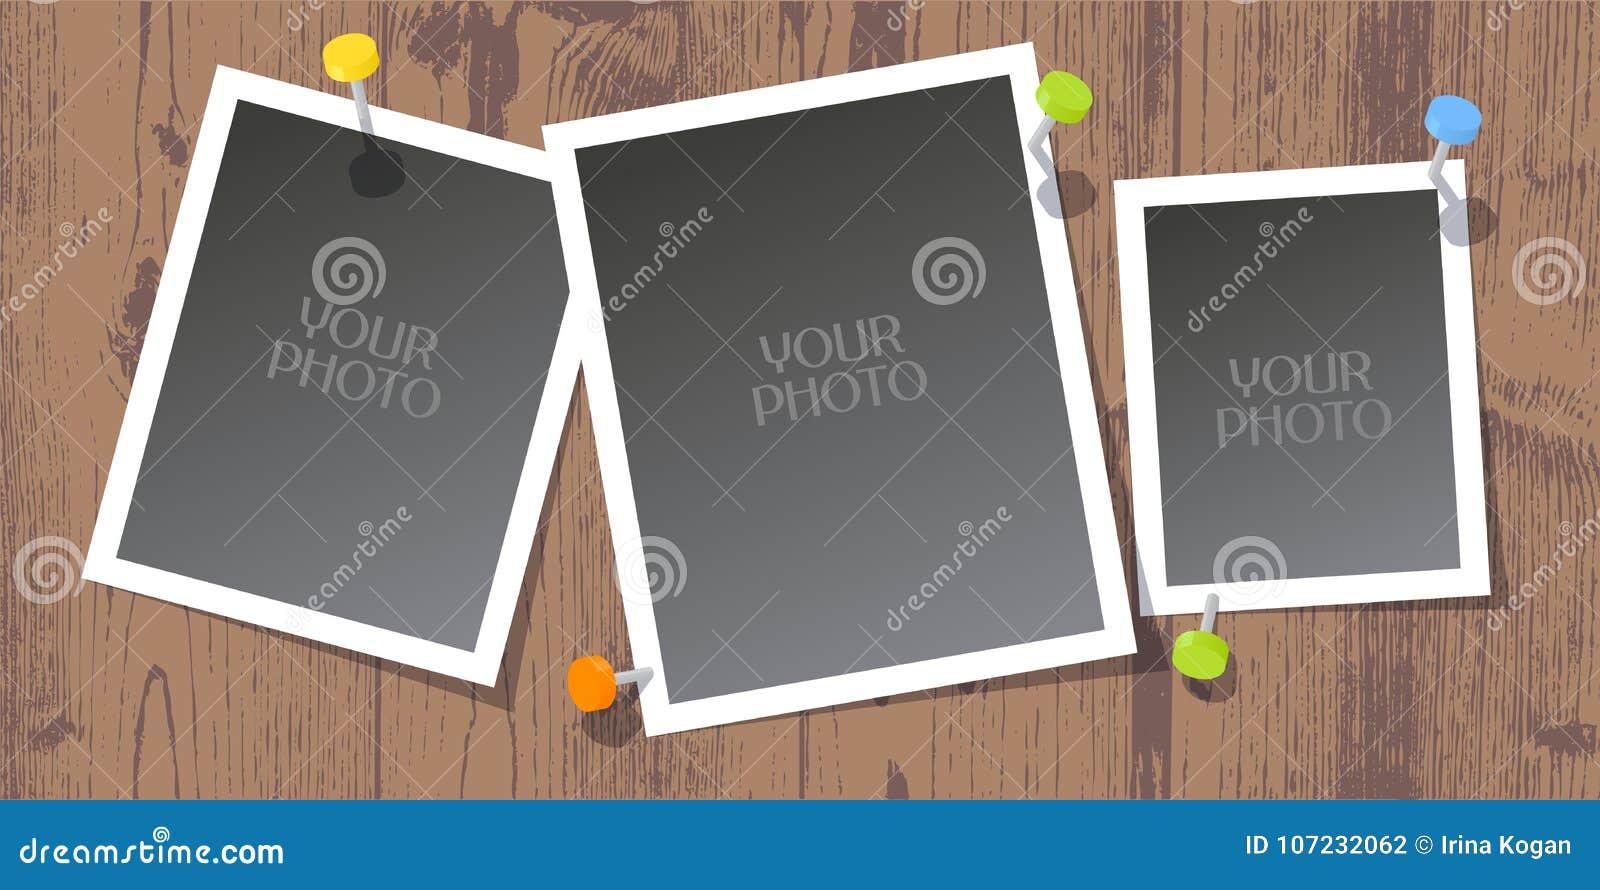 Collage de los bastidores de la foto, ejemplo del vector del libro de recuerdos, fondo